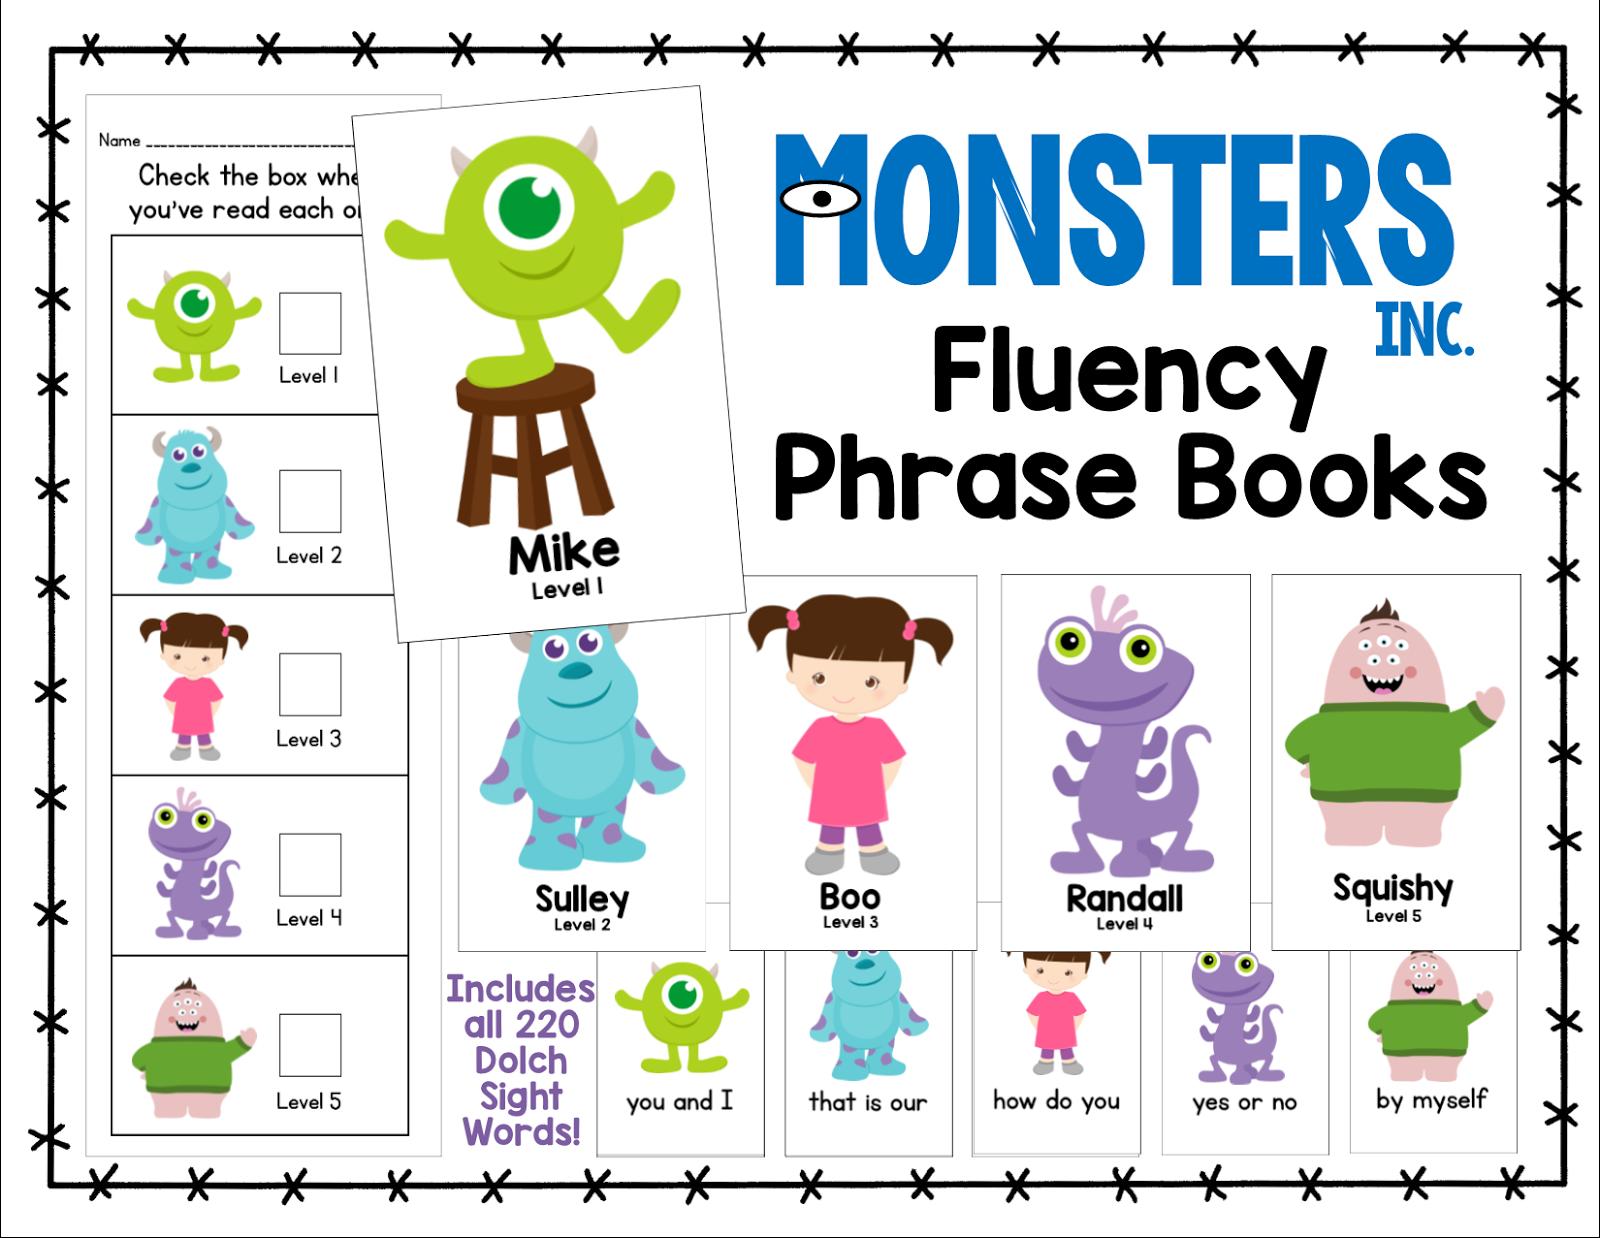 Fluency Phrase Books